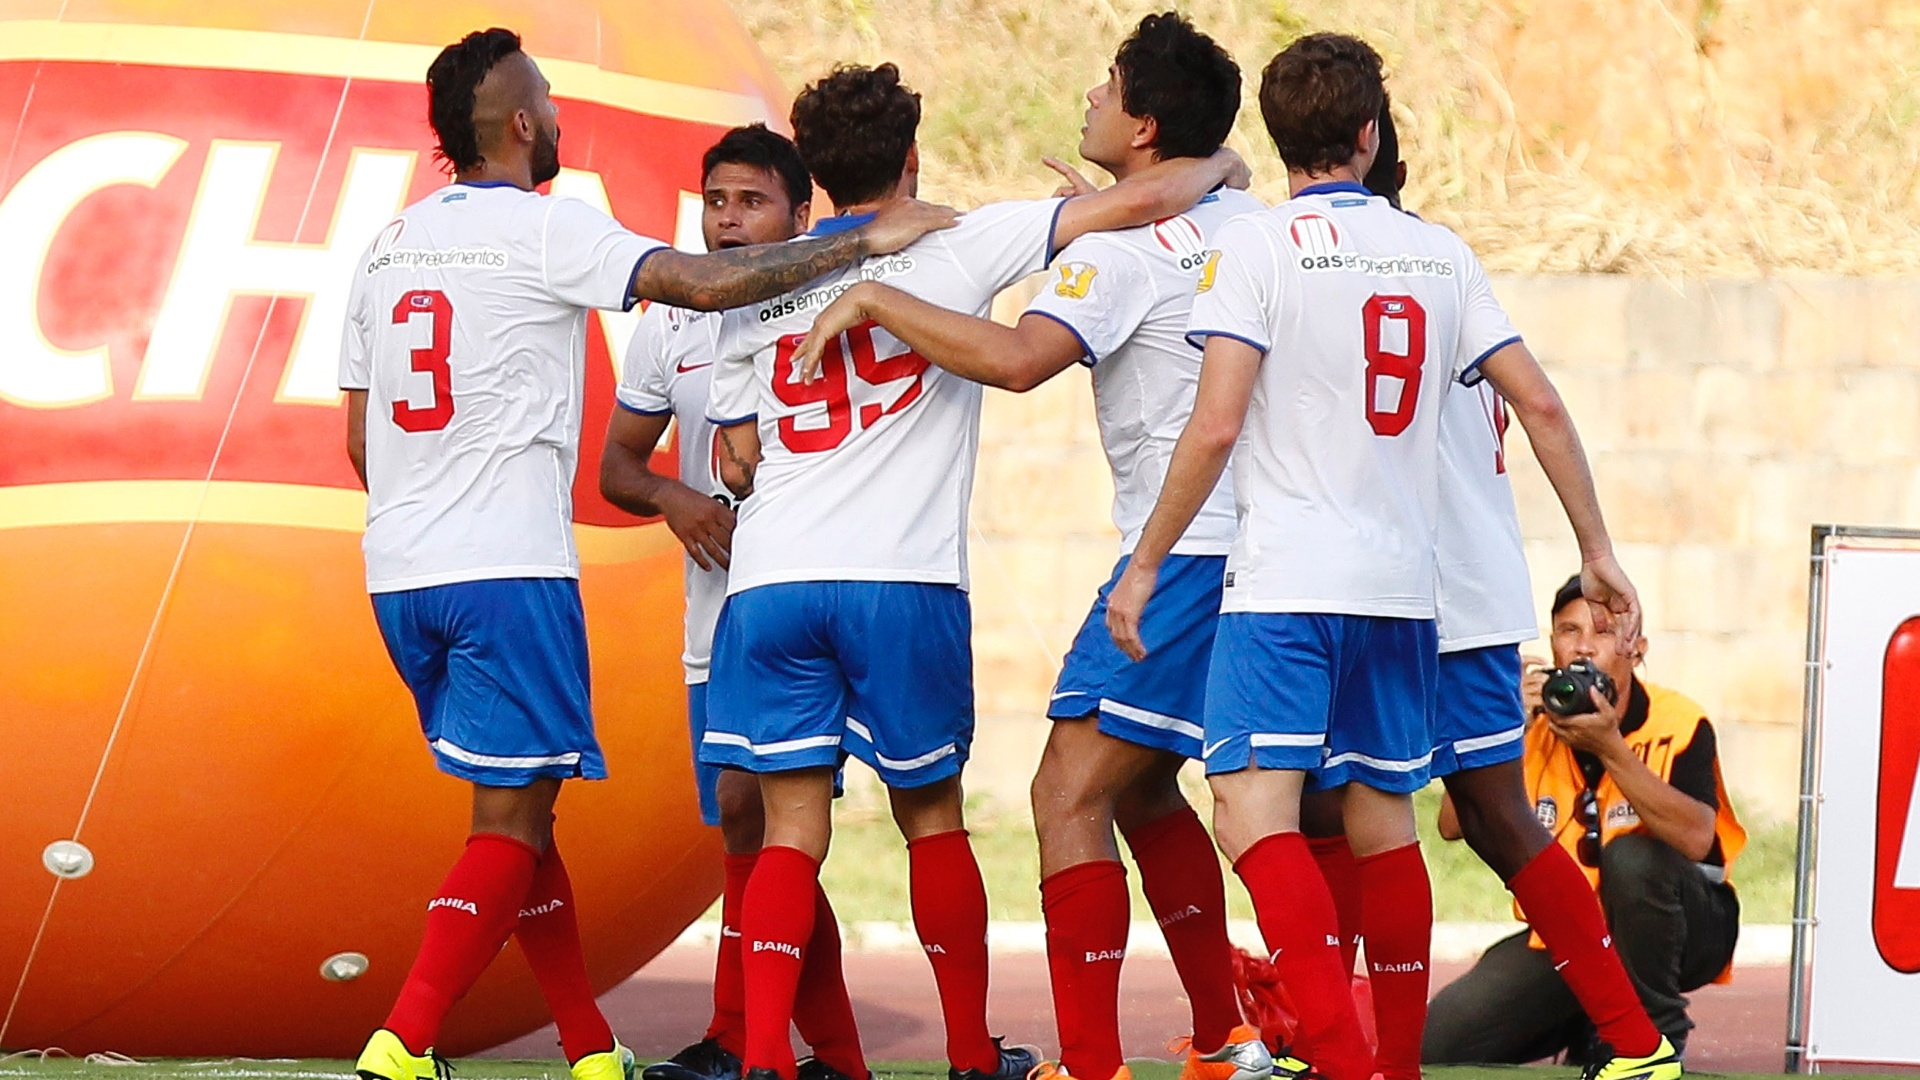 Jogadores do Bahia comemoram gol sobre o Vitória na final do Campeonato Baiano